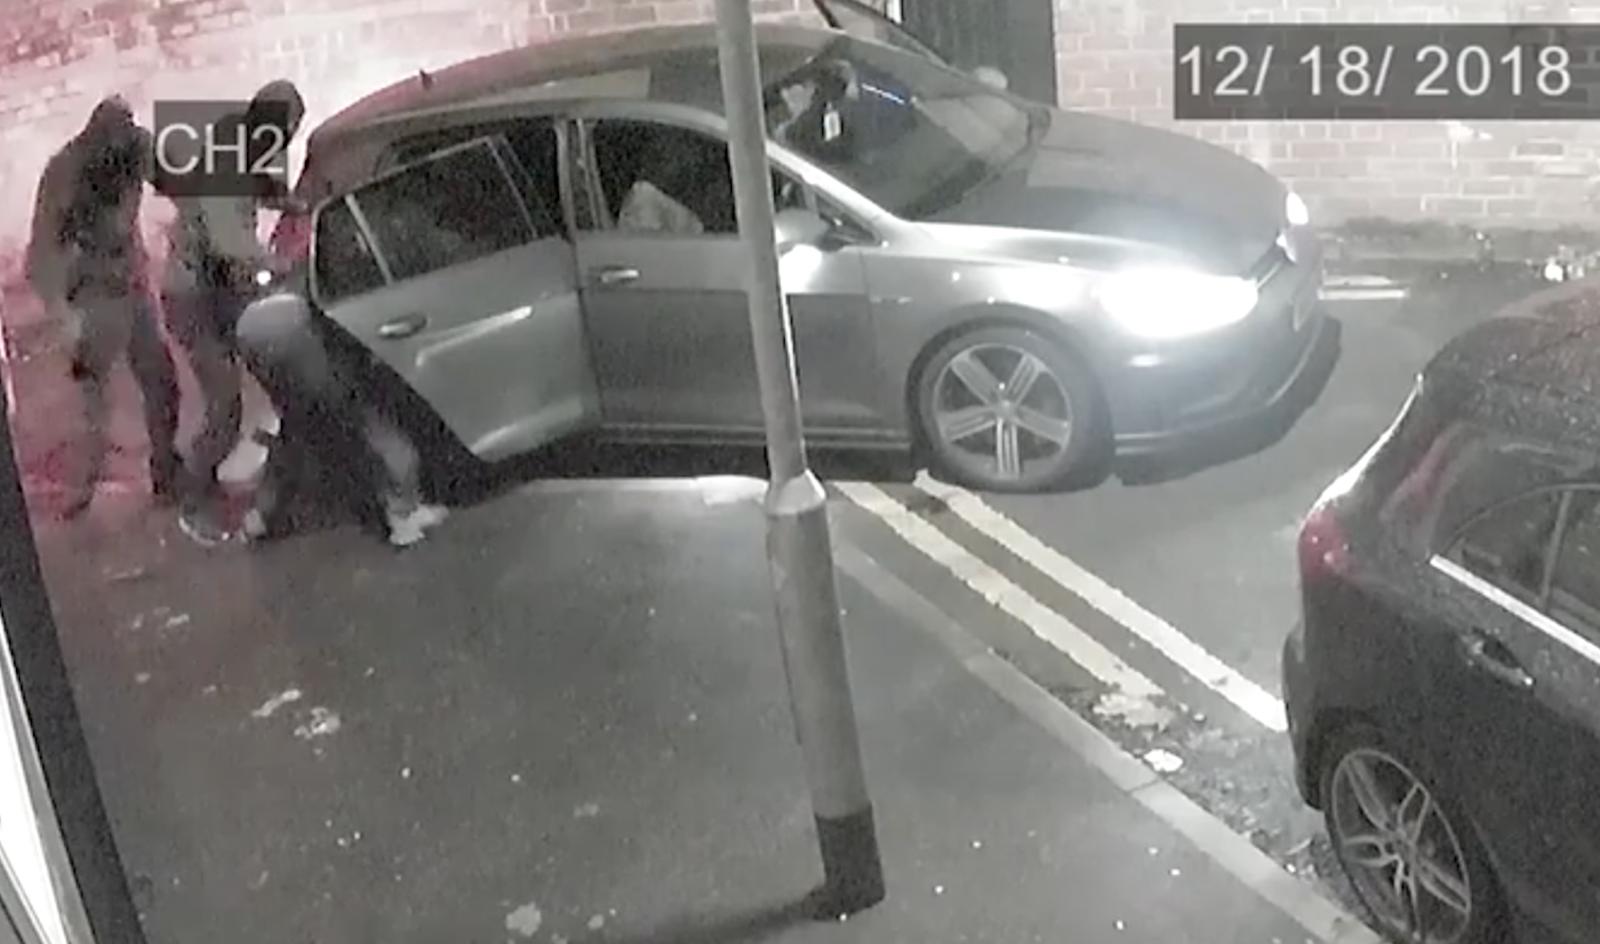 Tangkapan layar dari rekaman CCTV menampilkan korban penculikan dipaksa masuk ke dalam mobil di Salford, Greater Manchester.